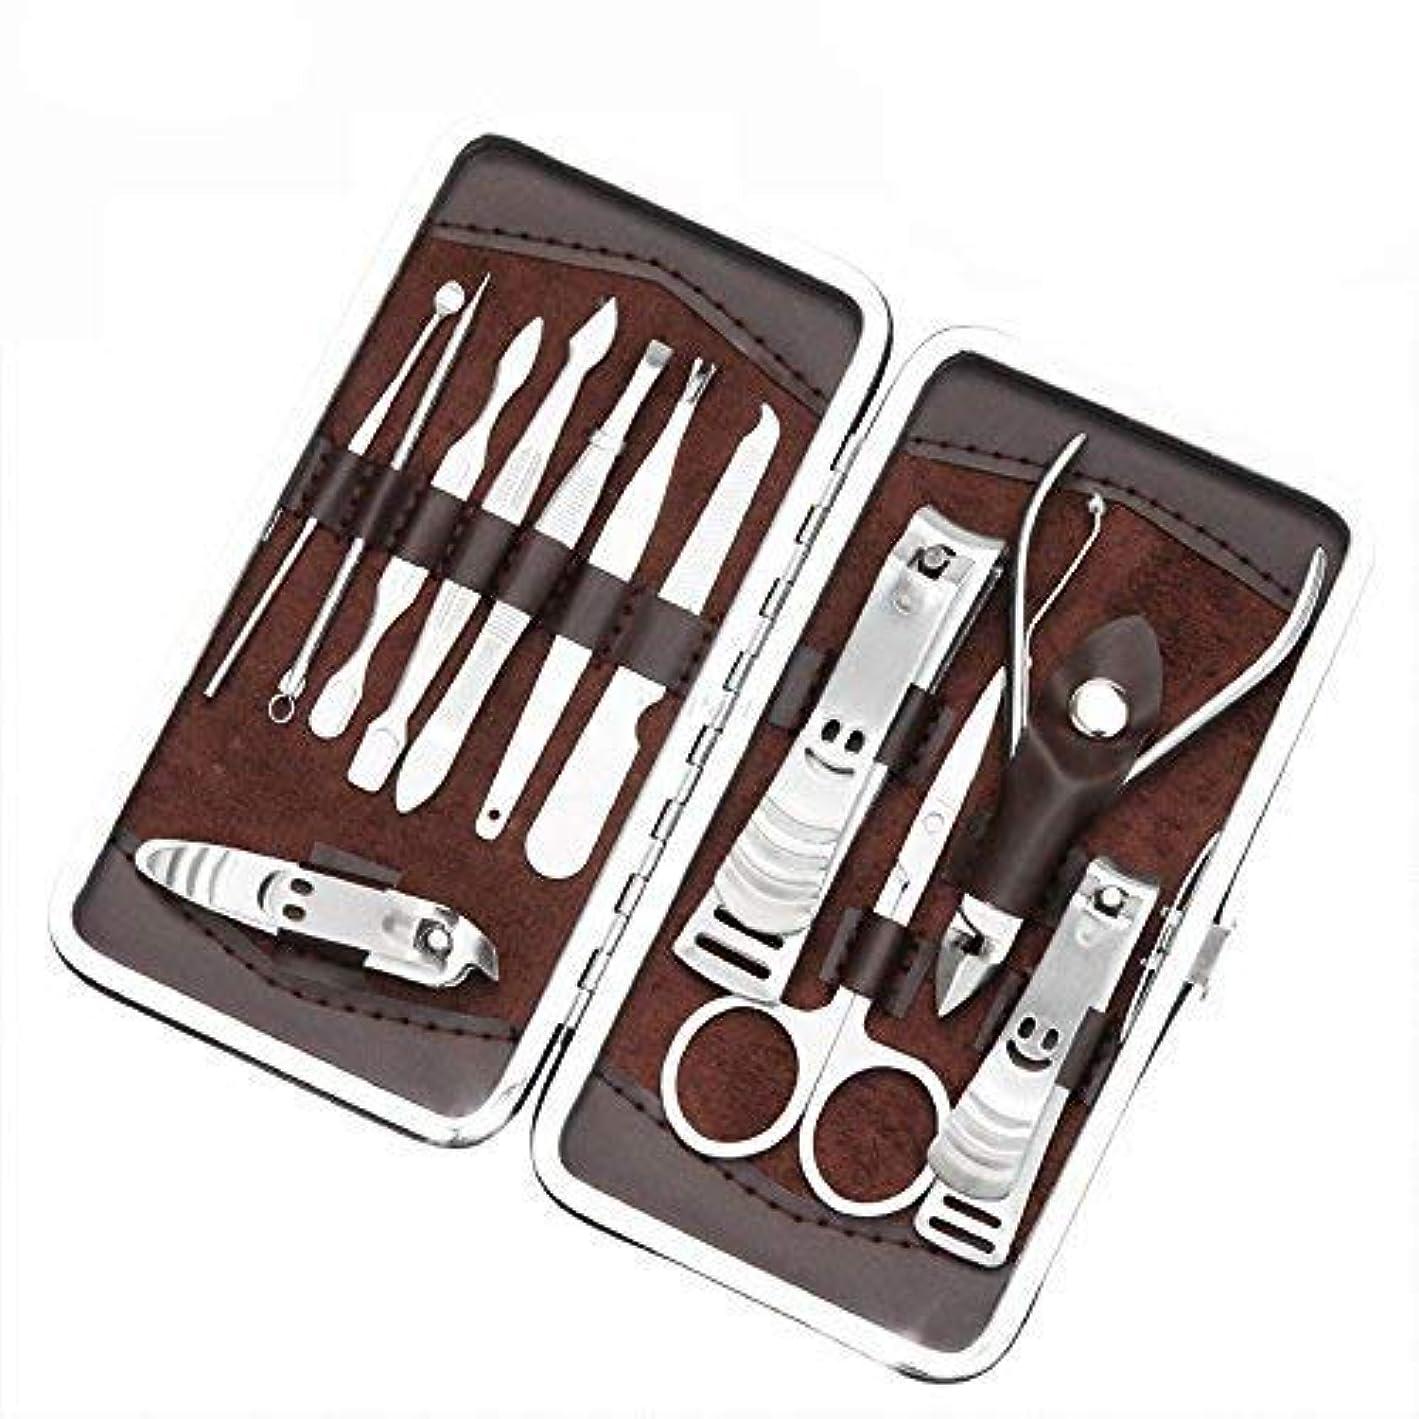 文類人猿帝国爪切り?ネイルケア 12点 セット ネイル ブラシ ケア 高級なステンレス製 携帯便利グルーミング キット爪の爪切りセット SPH-022